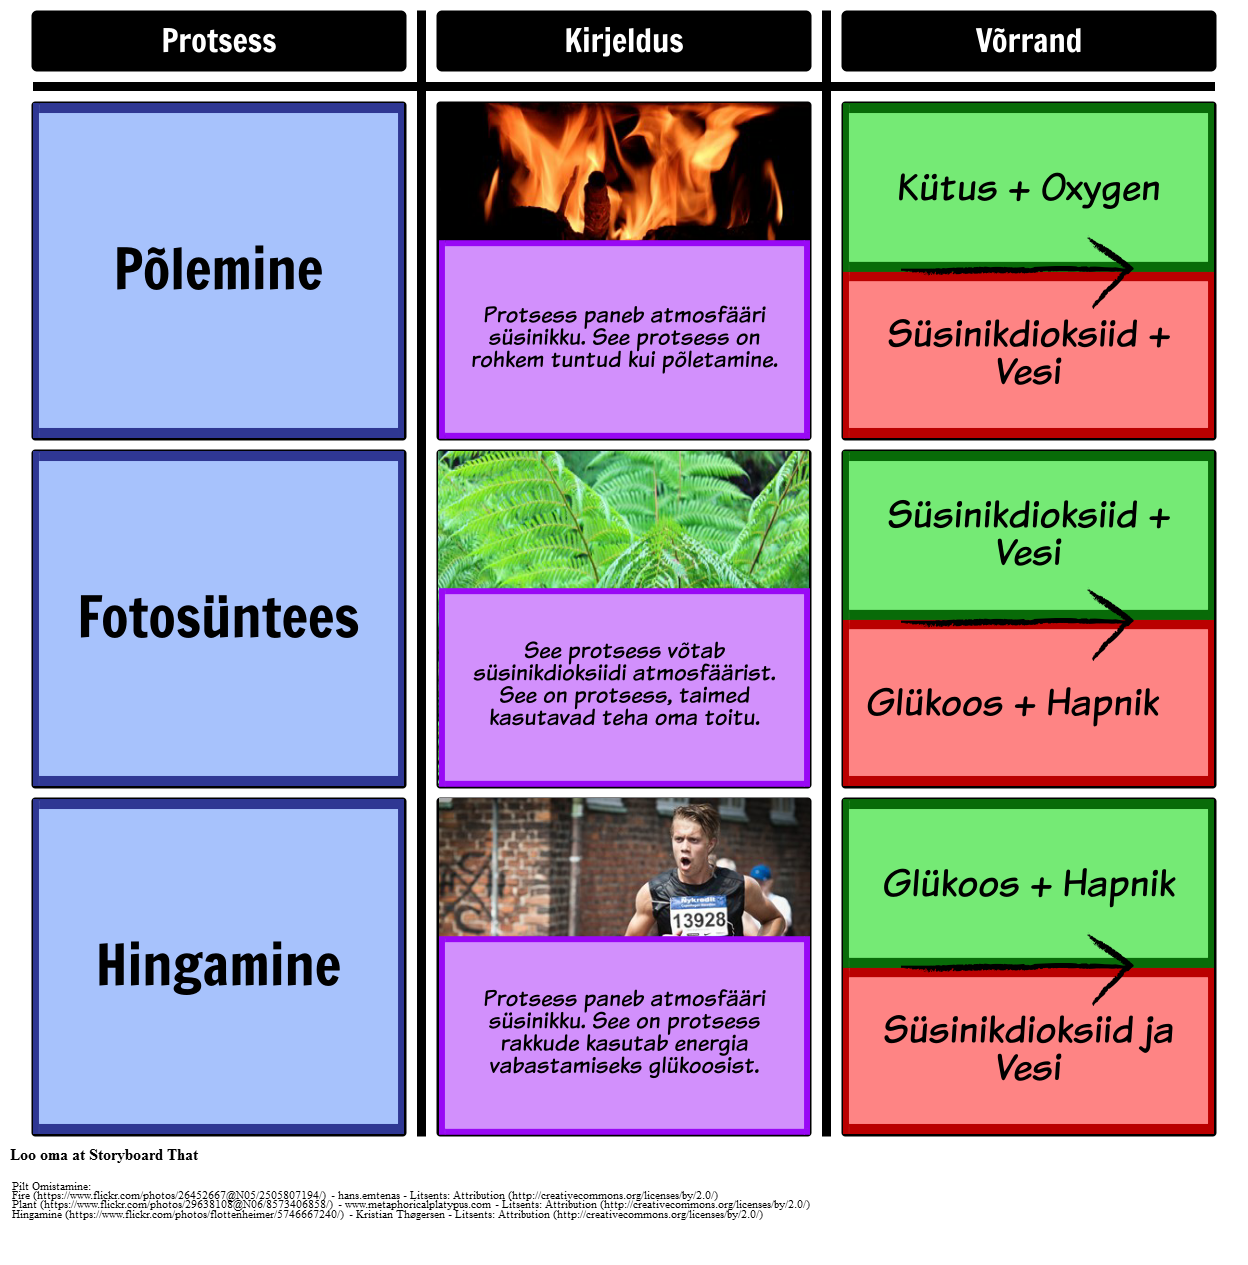 Protsessid, Süsinikuringet